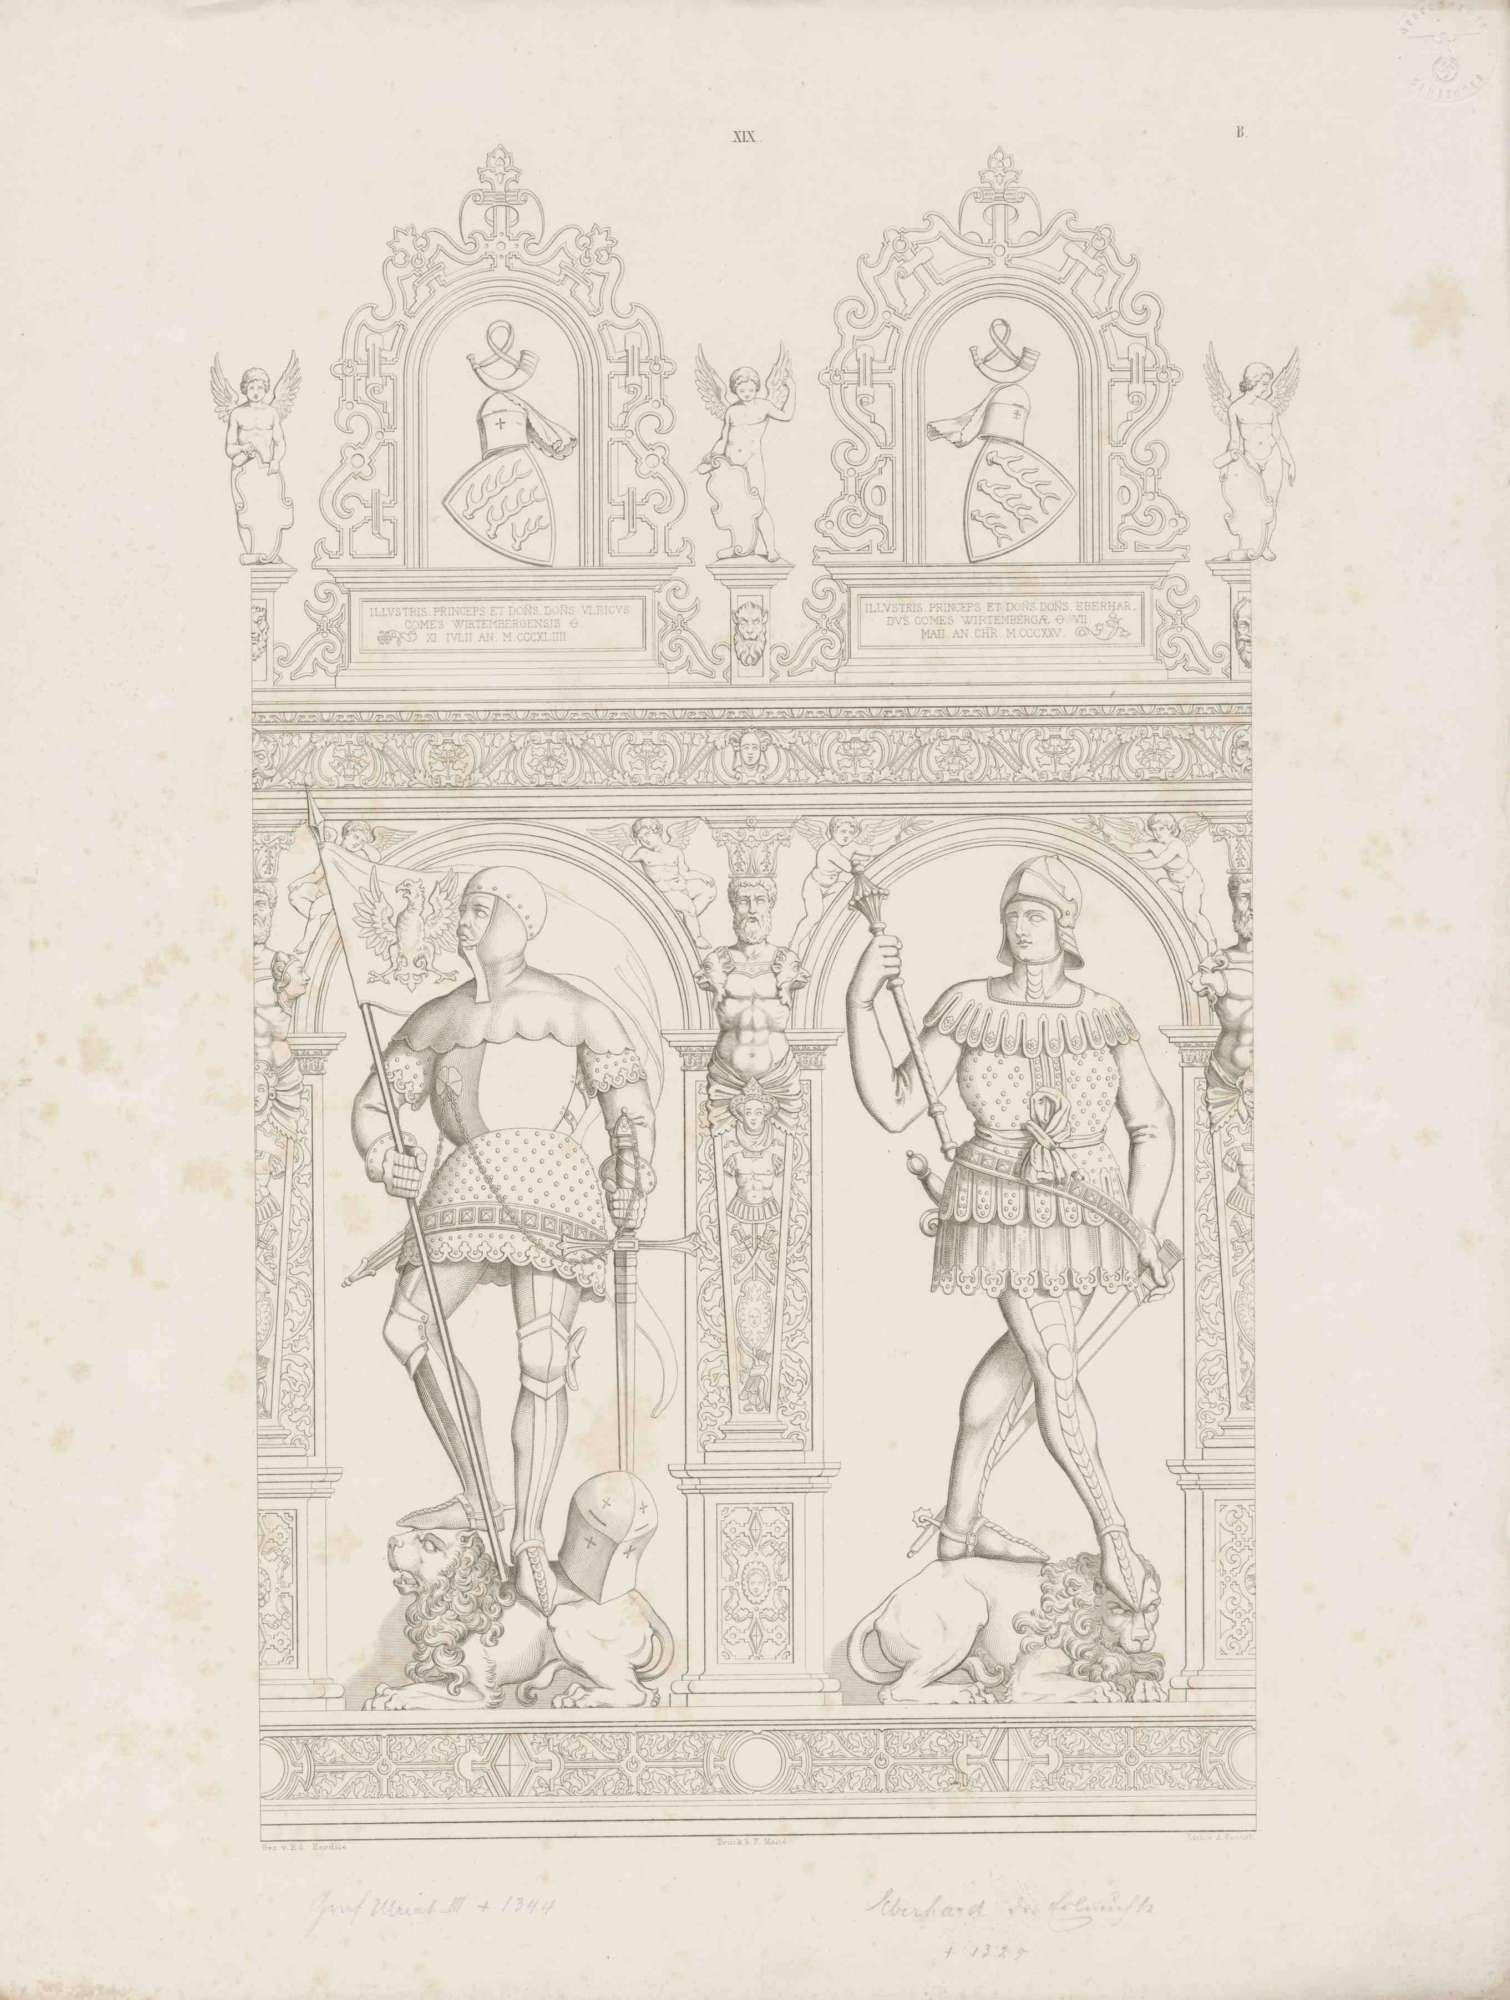 Graf Ulrich III. von Württemberg in Rüstung mit Reichssturmfahne, Graf Eberhard (der Erlauchte) (1265-1325), in Renaissancerahmen mit Wappen und Inschrift, beide auf Löwen stehend, Bild 1